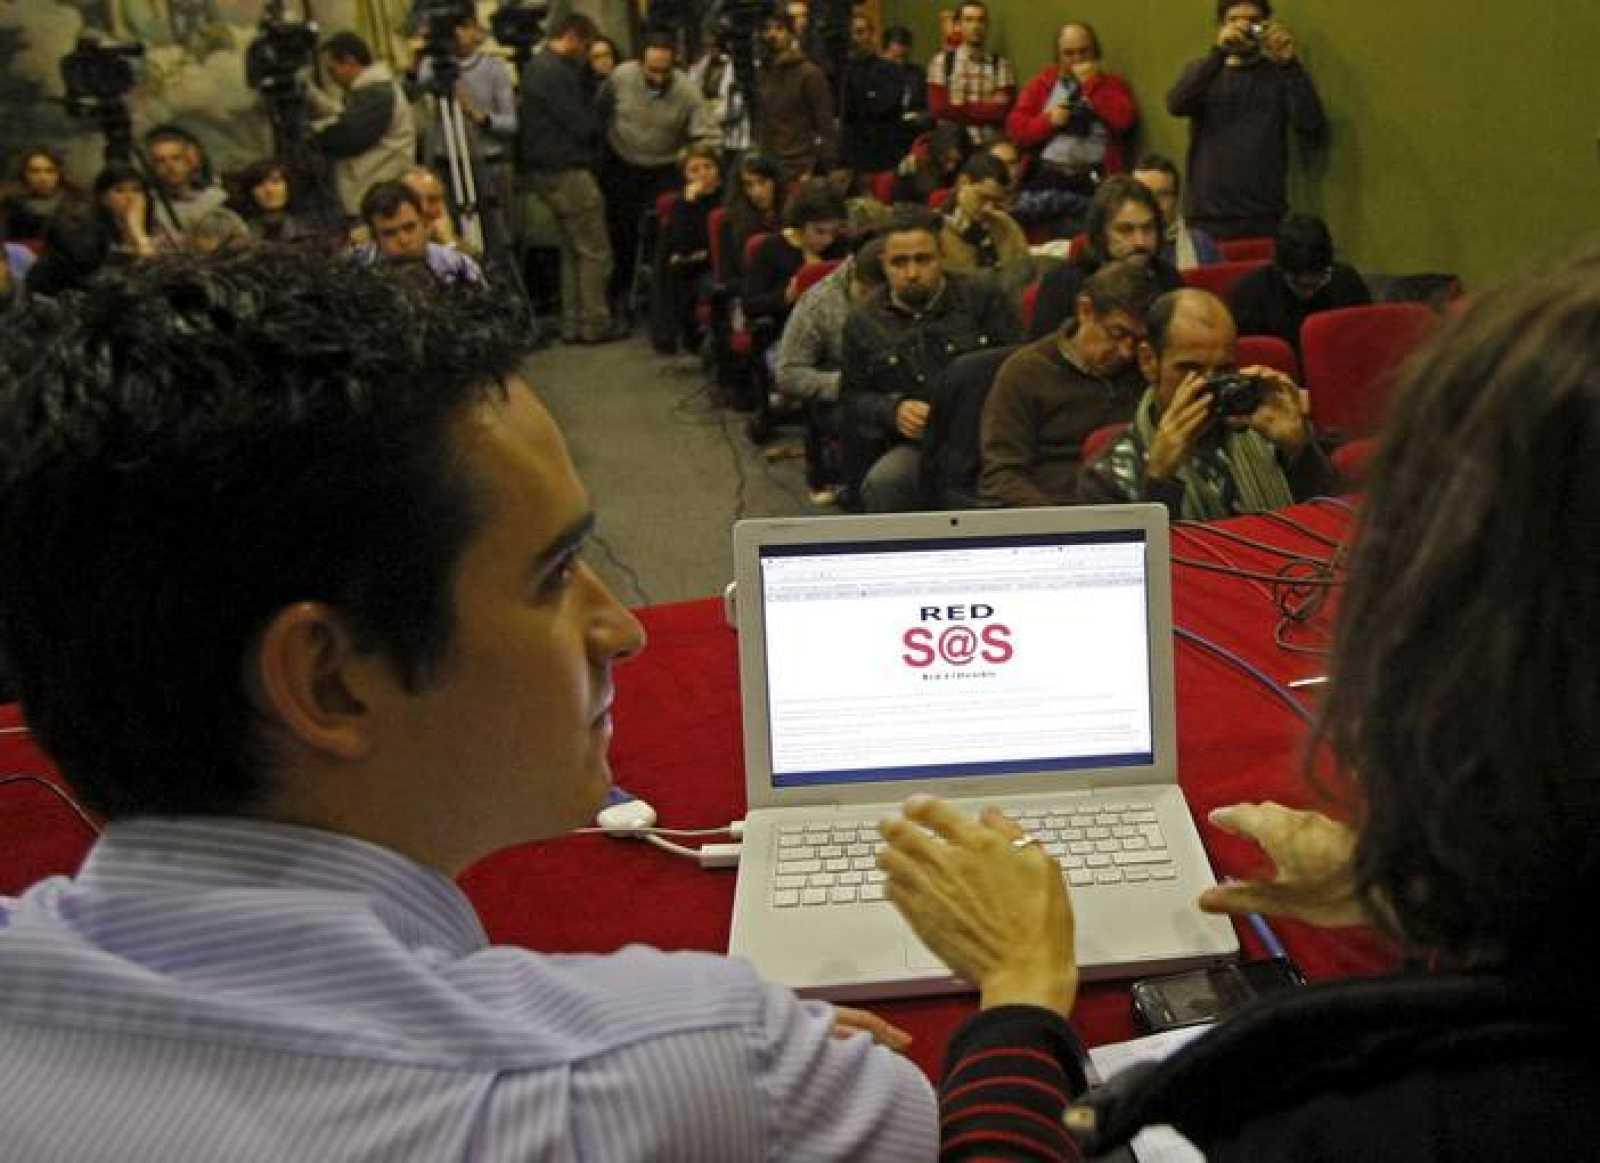 La rueda de prensa donde se ha presentado Red SOStenible, en respuesta a las medidas del Gobierno para proteger la propiedad intelectual.